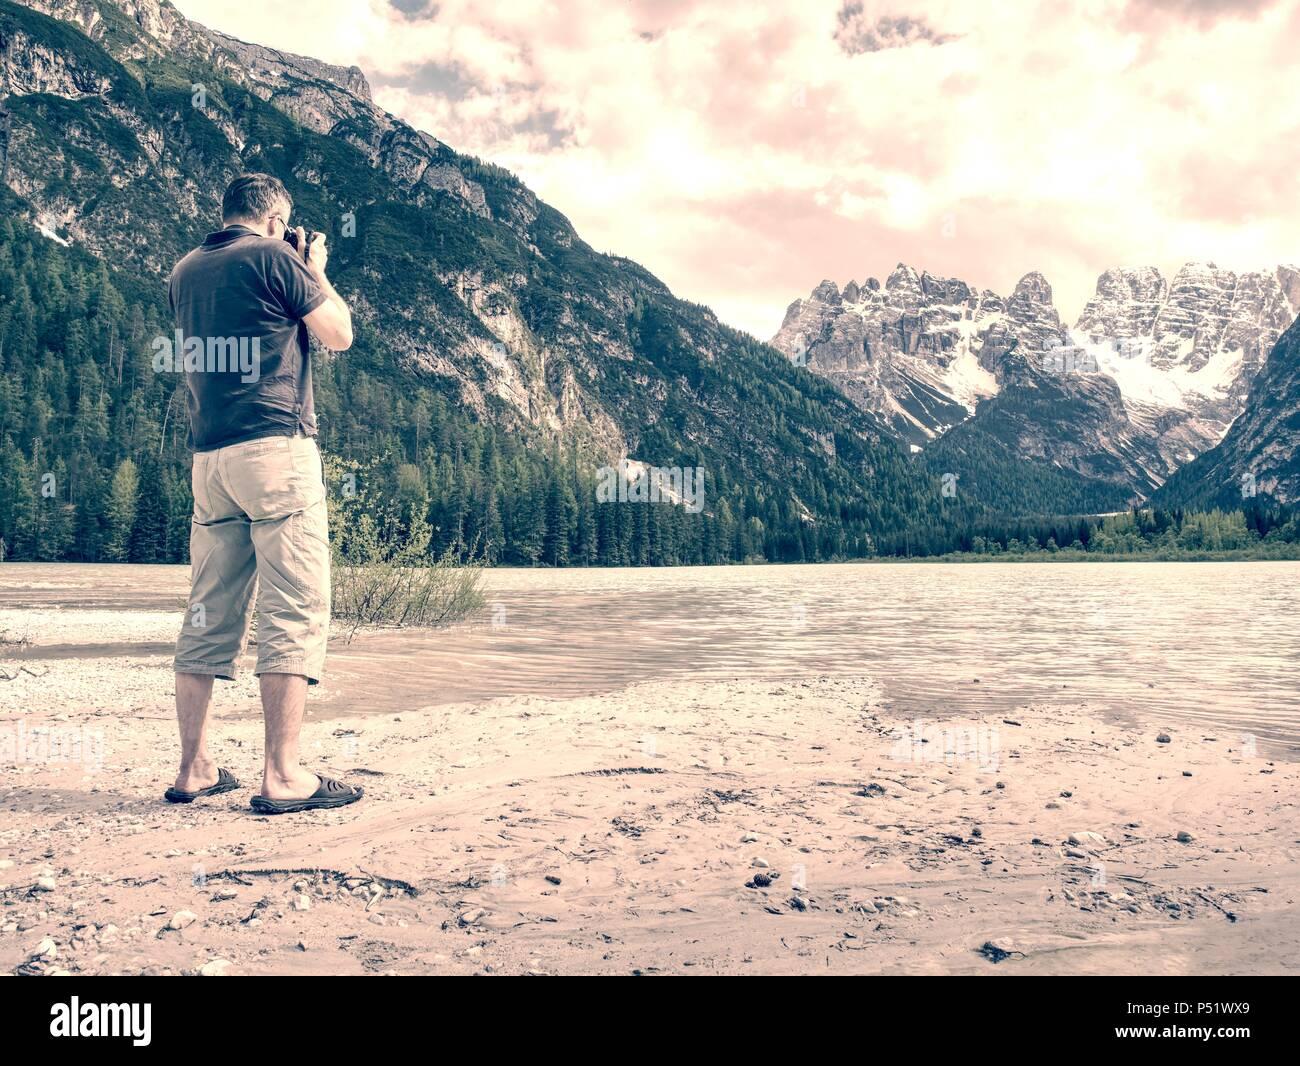 Photo Traveler está tomando fotos de la memoria de el escenario del lago. Blue Lake entre altas montañas, picos toque en azul cielo. Concepto de estilo de vida de viaje Imagen De Stock